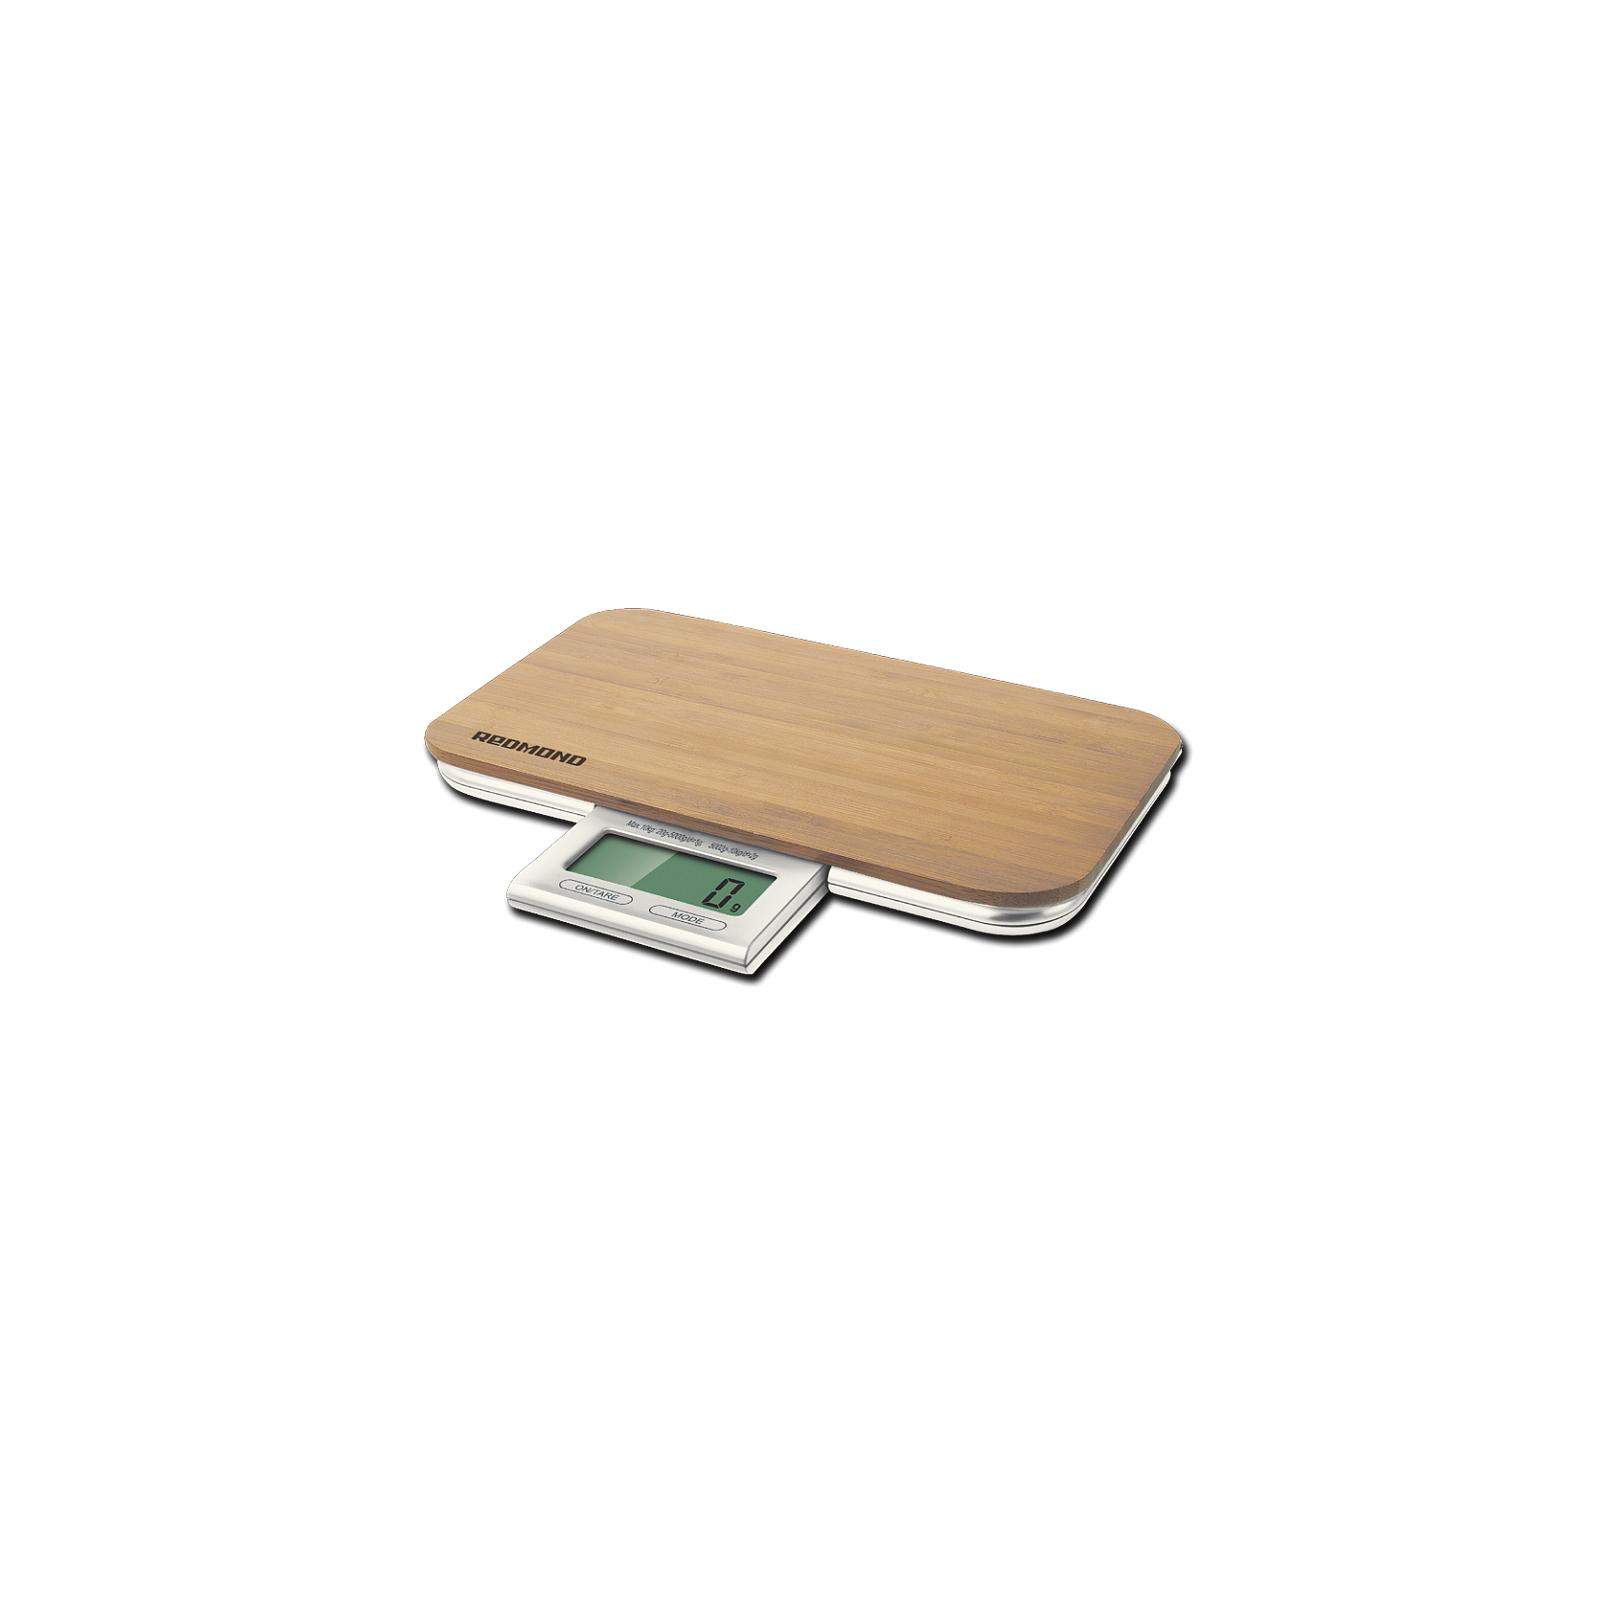 Весы кухонные REDMOND RS-721 (Дерево)